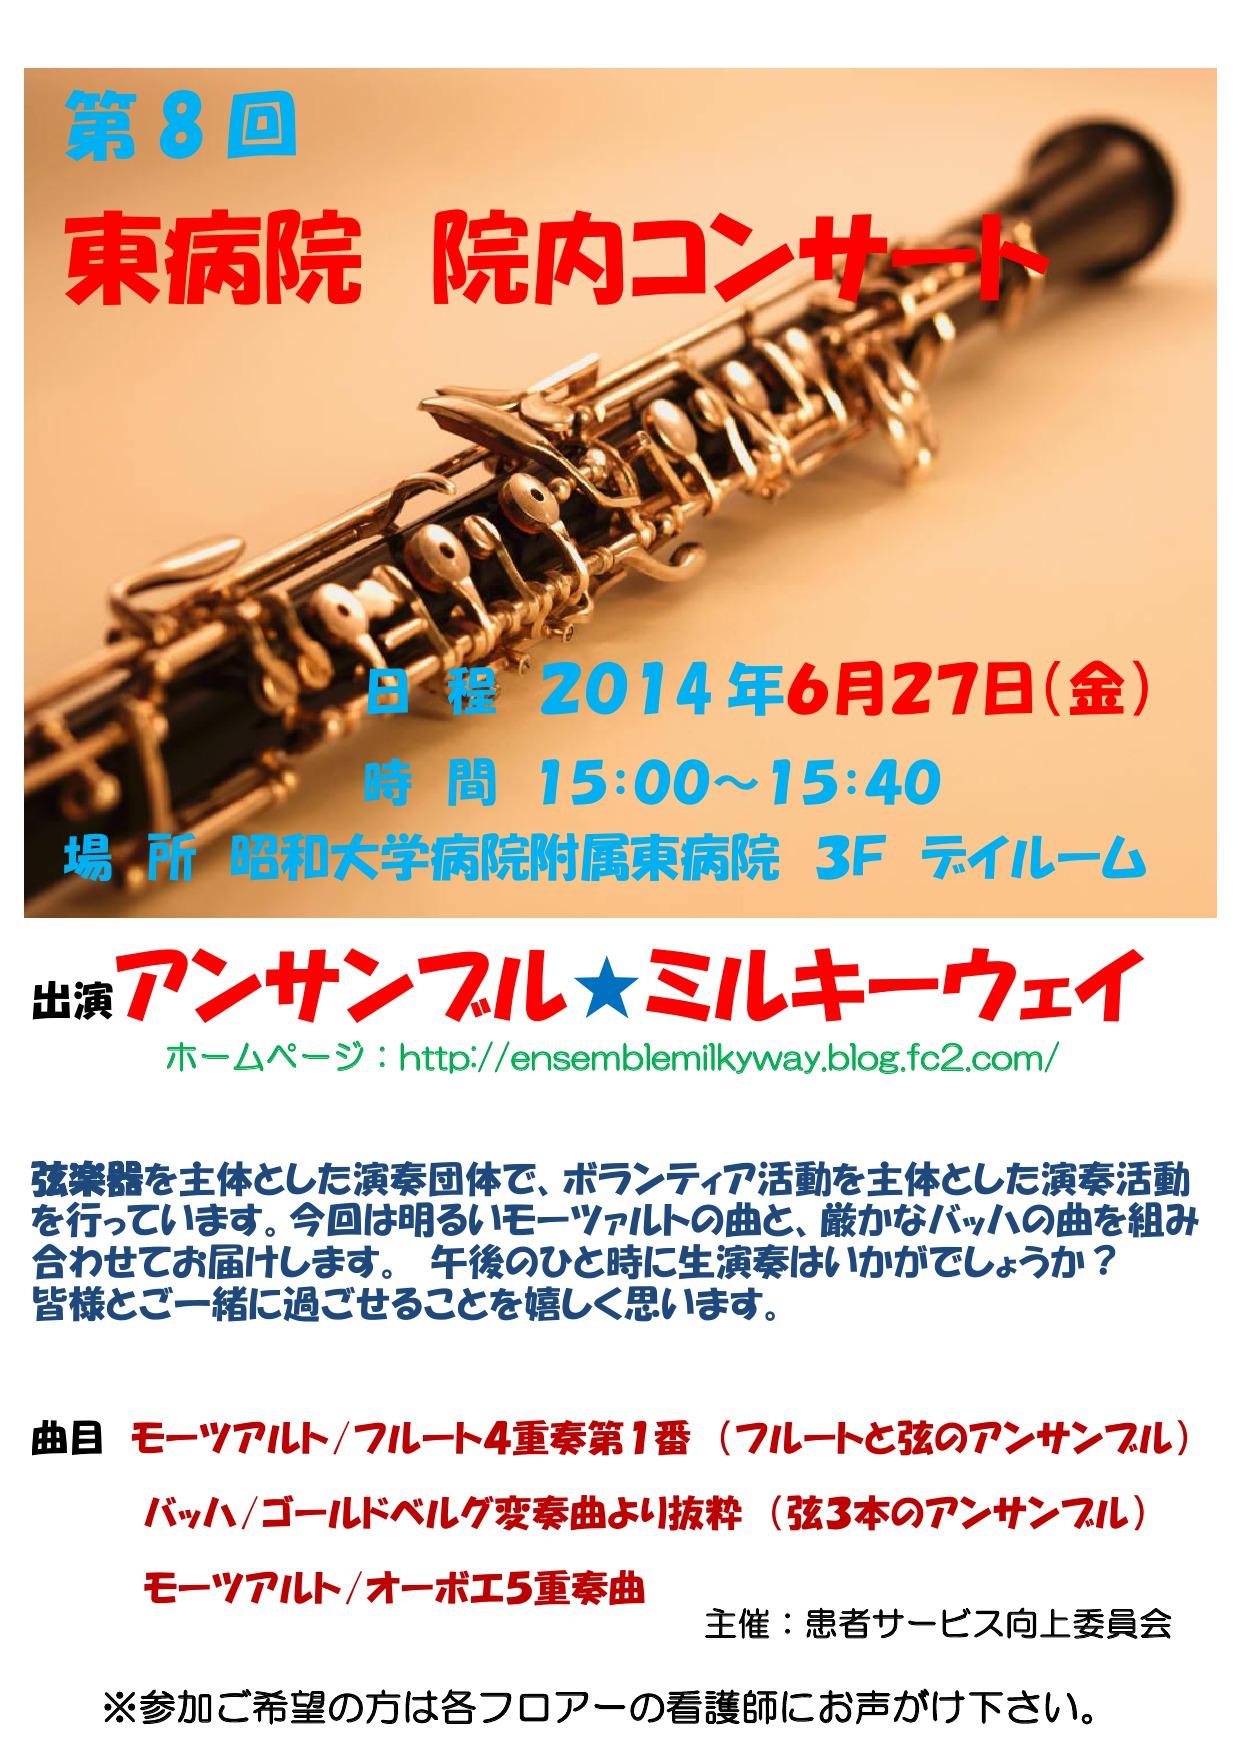 20140627昭和大学東病院コンサートちらし